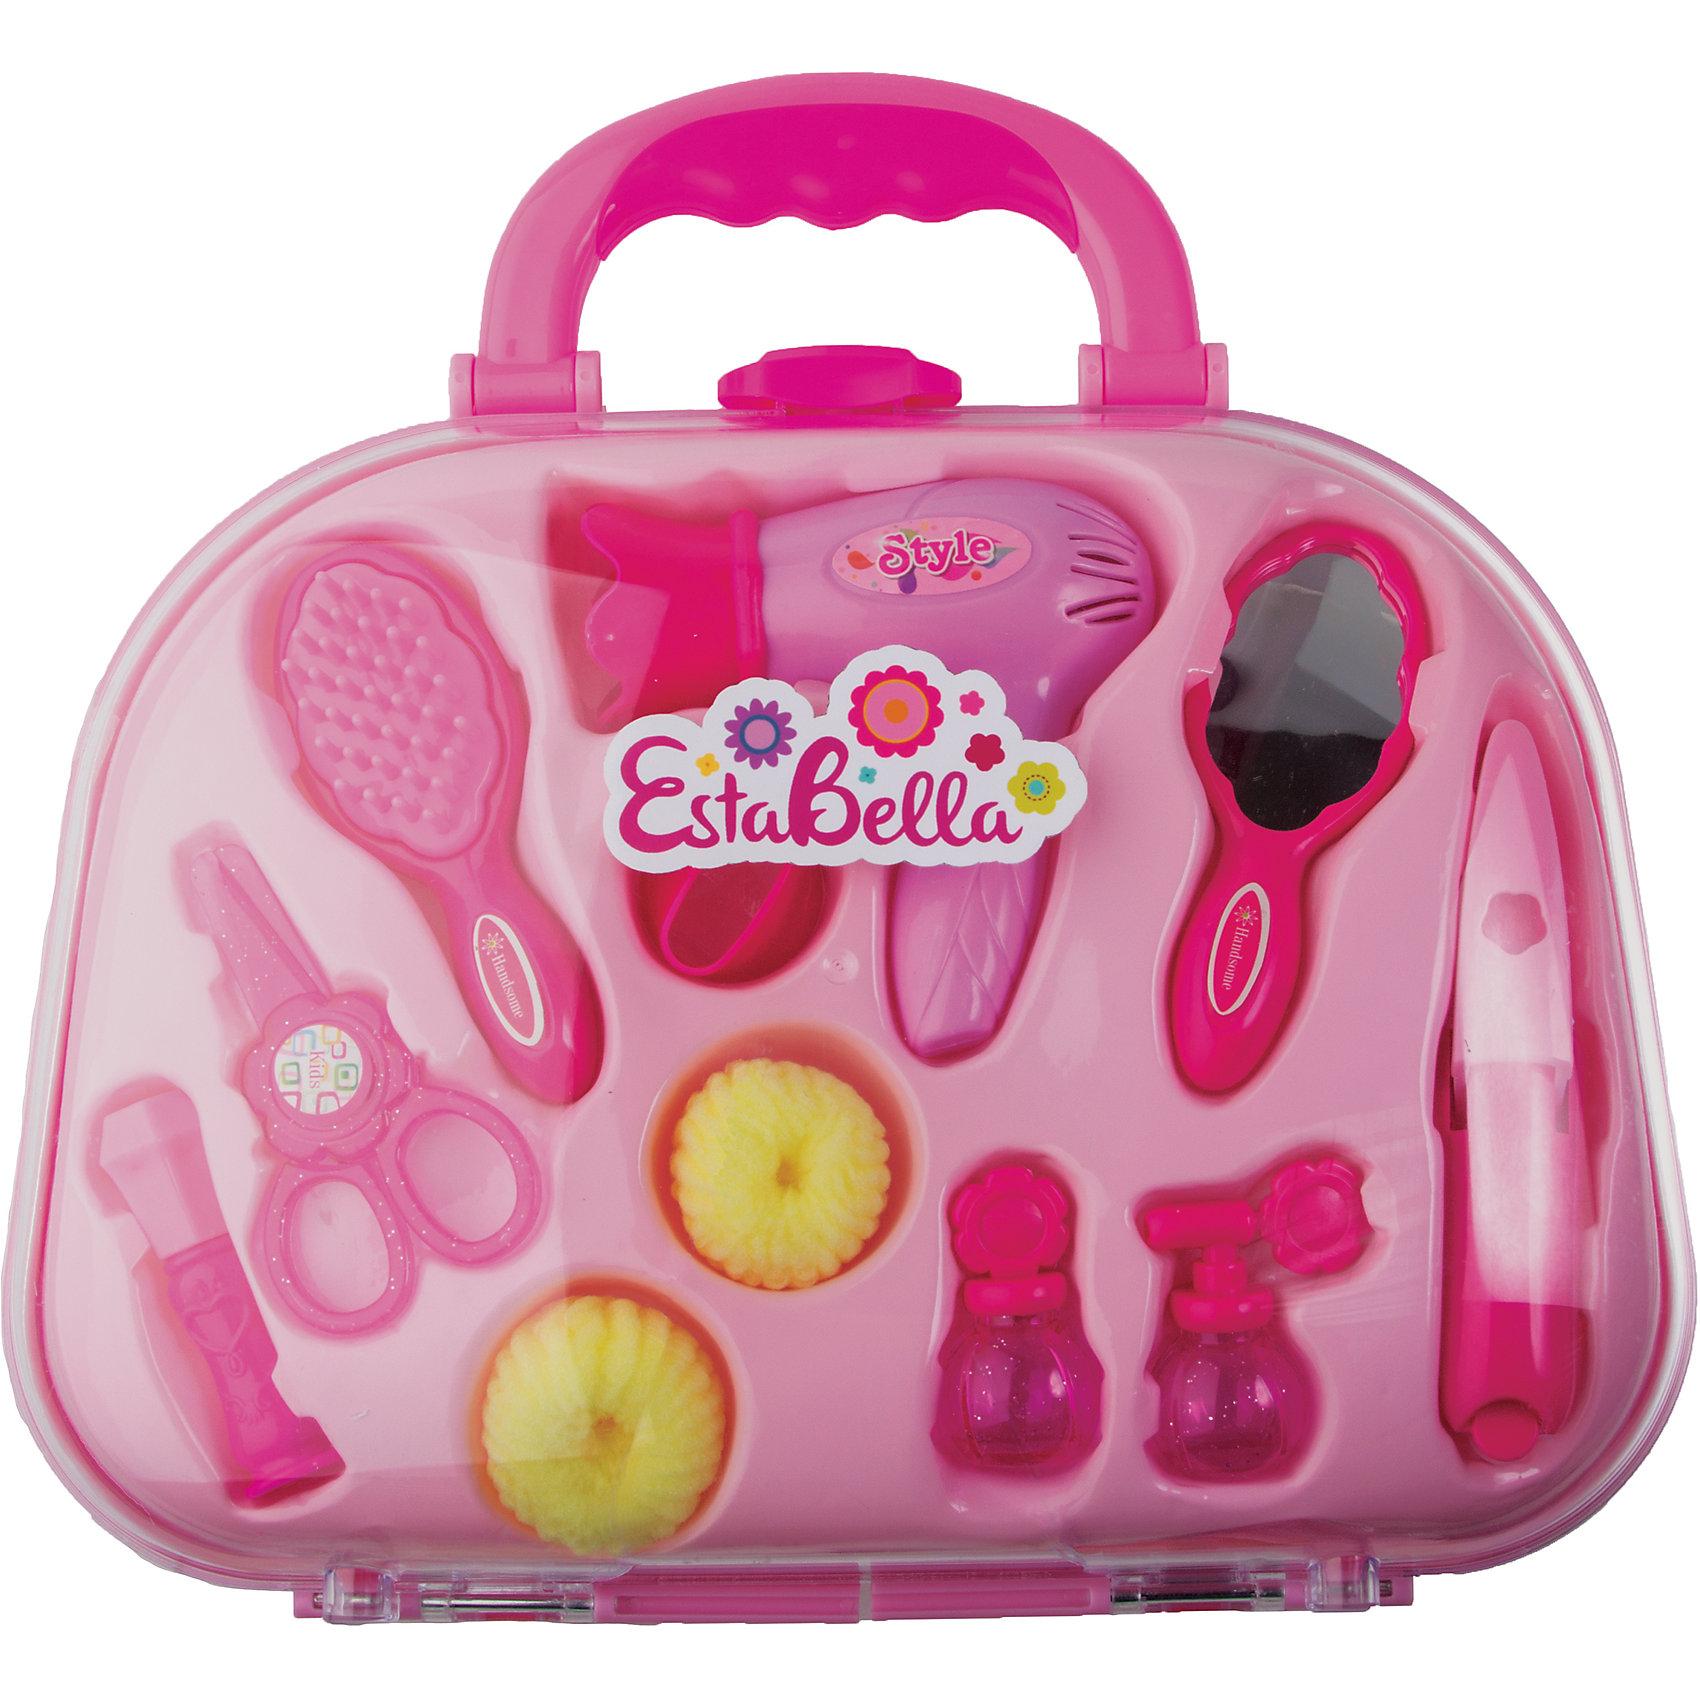 Чемоданчик юного стилиста, EstaBellaСюжетно-ролевые игры<br>Чемоданчик юного стилиста, EstaBella (Эстабелла) – это красочный набор для увлекательных сюжетно-ролевых игр.<br>Набор Чемоданчик юного стилиста от торговой марки EstaBella (Эстабелла) вызовет восторг у вашей малышки. Комплект включает в себя 10 аксессуаров, с помощью которых юный стилист сможет создавать модные образы своим игрушкам и куклам. Набор выполнен из прочной высококачественной пластмассы и имеет высокую степень детализации. Аксессуары упакованы в компактный чемоданчик с ручкой, в котором их удобно хранить и легко переносить. Замечательный набор юного стилиста сделает игру в парикмахерскую более реалистичной и поможет вашей крохе весело провести время.<br><br>Дополнительная информация:<br><br>- В наборе: фен; зеркало; расческа; 2 флакона духов; 2 резинки для волос; сменная насадка на фен; ножницы; прочие аксессуары<br>- Материал: пластмасса<br>- Размер упаковки: 28х8х21 см.<br><br>Набор Чемоданчик юного стилиста, EstaBella (Эстабелла) можно купить в нашем интернет-магазине.<br><br>Ширина мм: 280<br>Глубина мм: 80<br>Высота мм: 210<br>Вес г: 1000<br>Возраст от месяцев: 36<br>Возраст до месяцев: 72<br>Пол: Женский<br>Возраст: Детский<br>SKU: 4552911